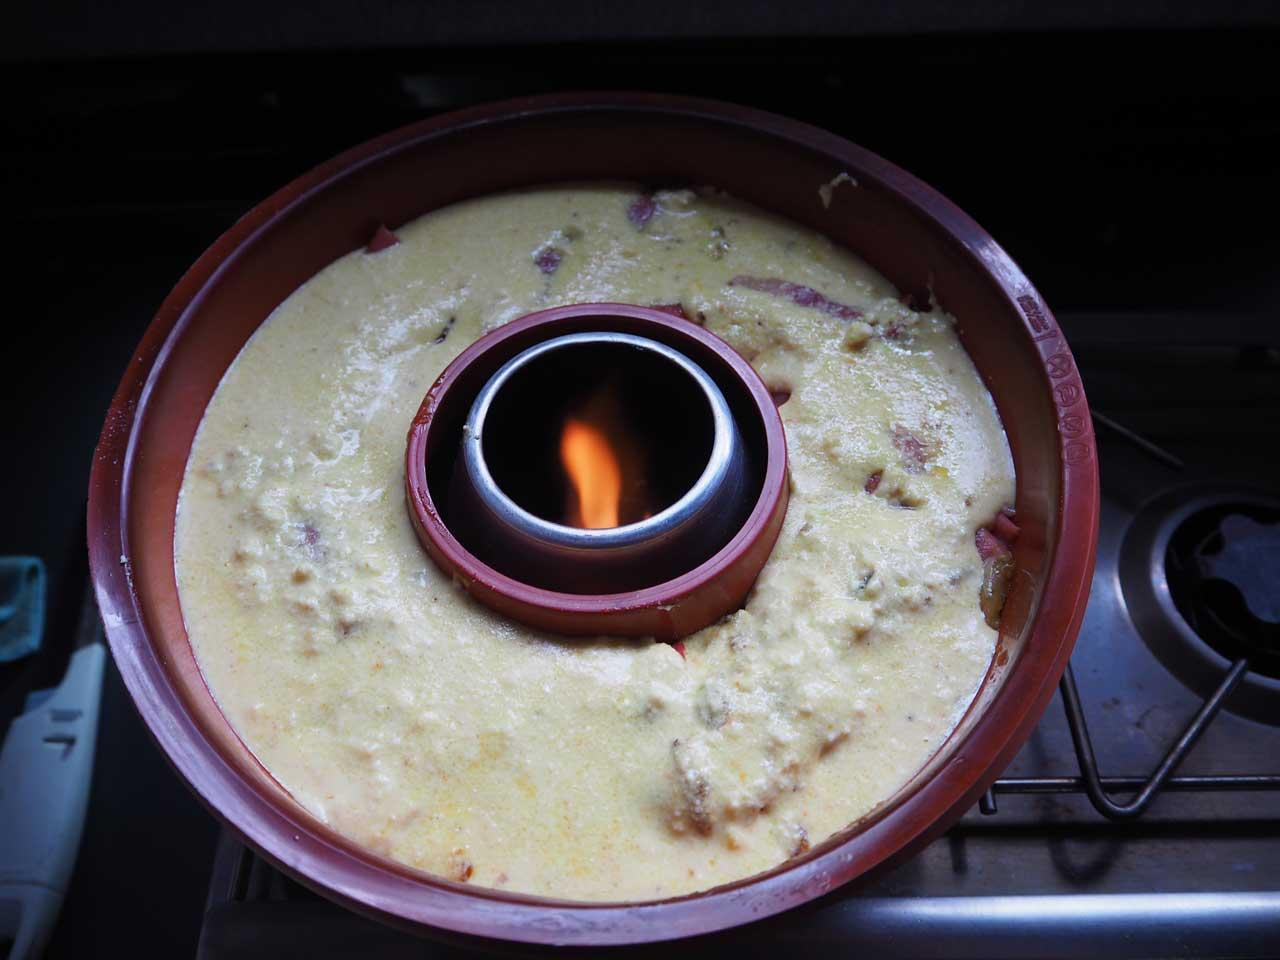 Die Sauce über alles giessen und mit Reibkäse bestreuen